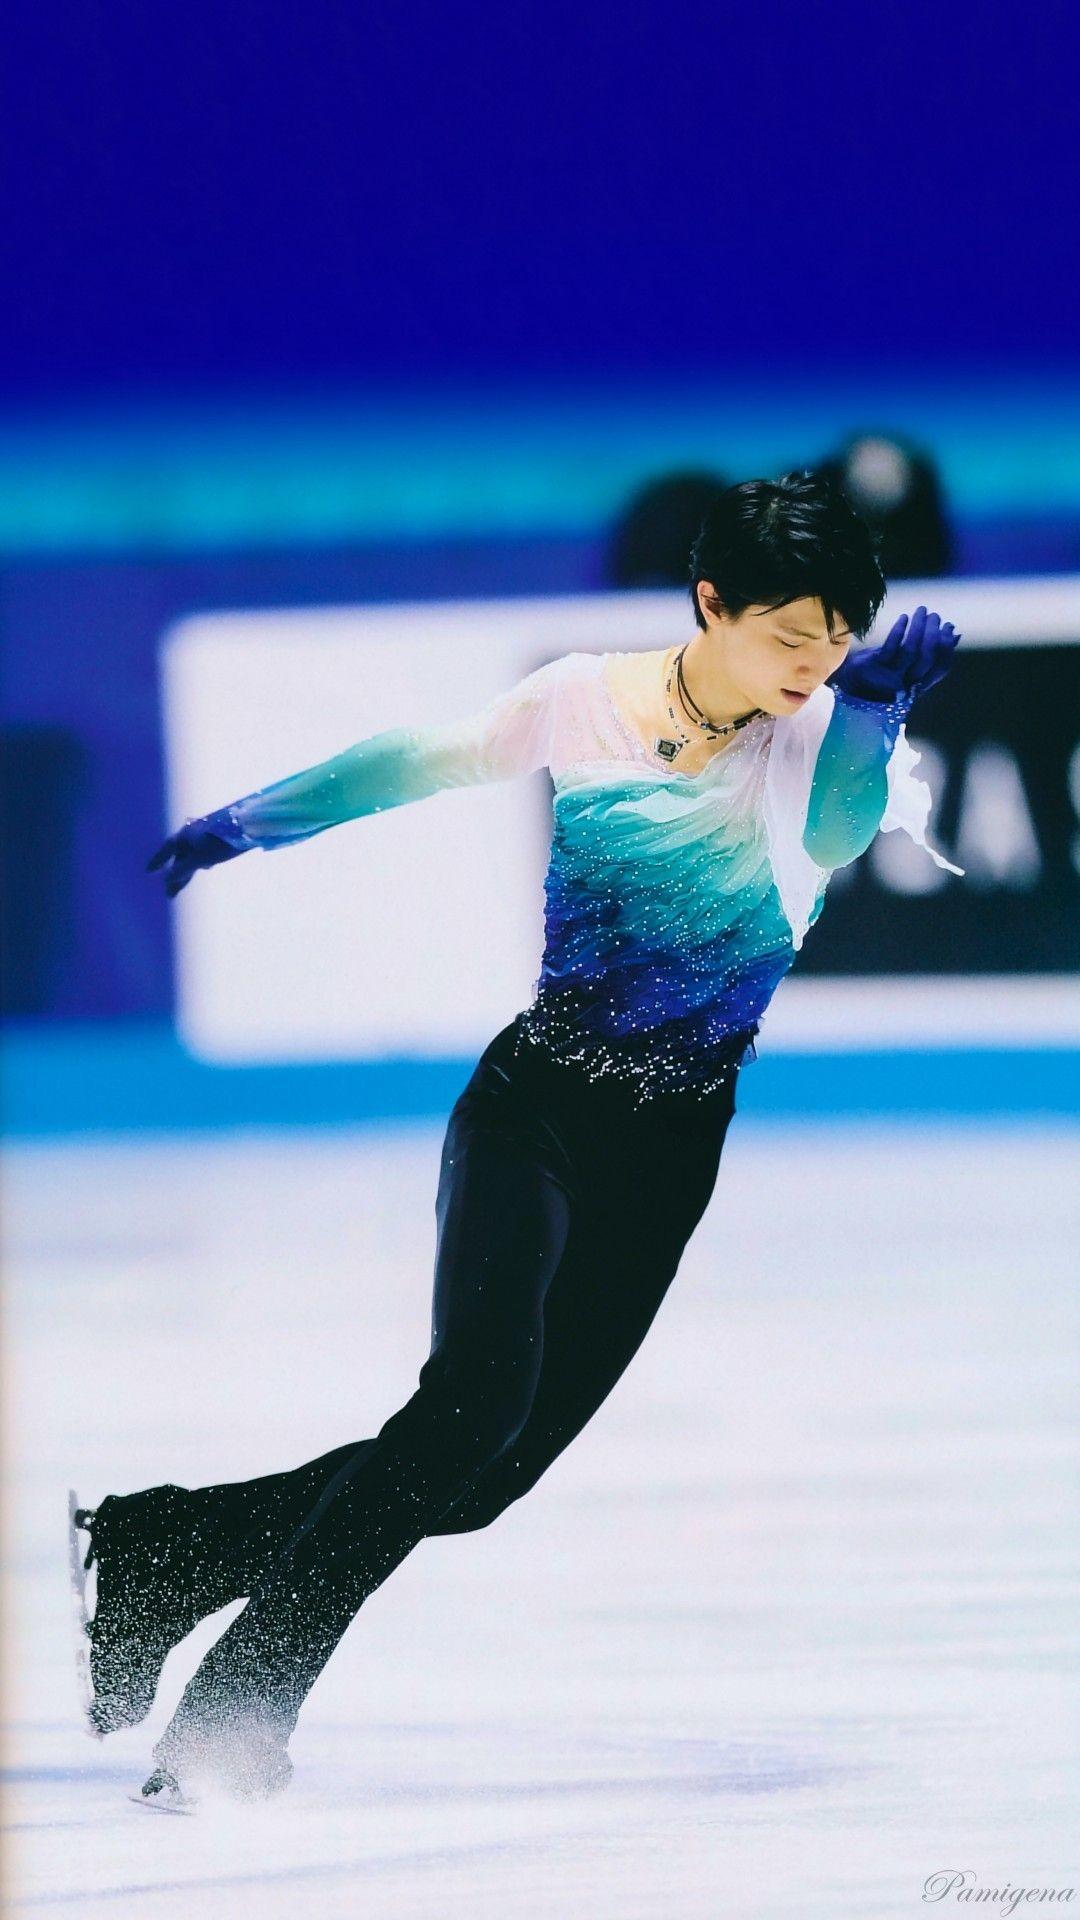 Res: 1080x1920, Hanyu Yuzuru wallpaper. Hanyu Yuzuru wallpaper Figure Skating ...